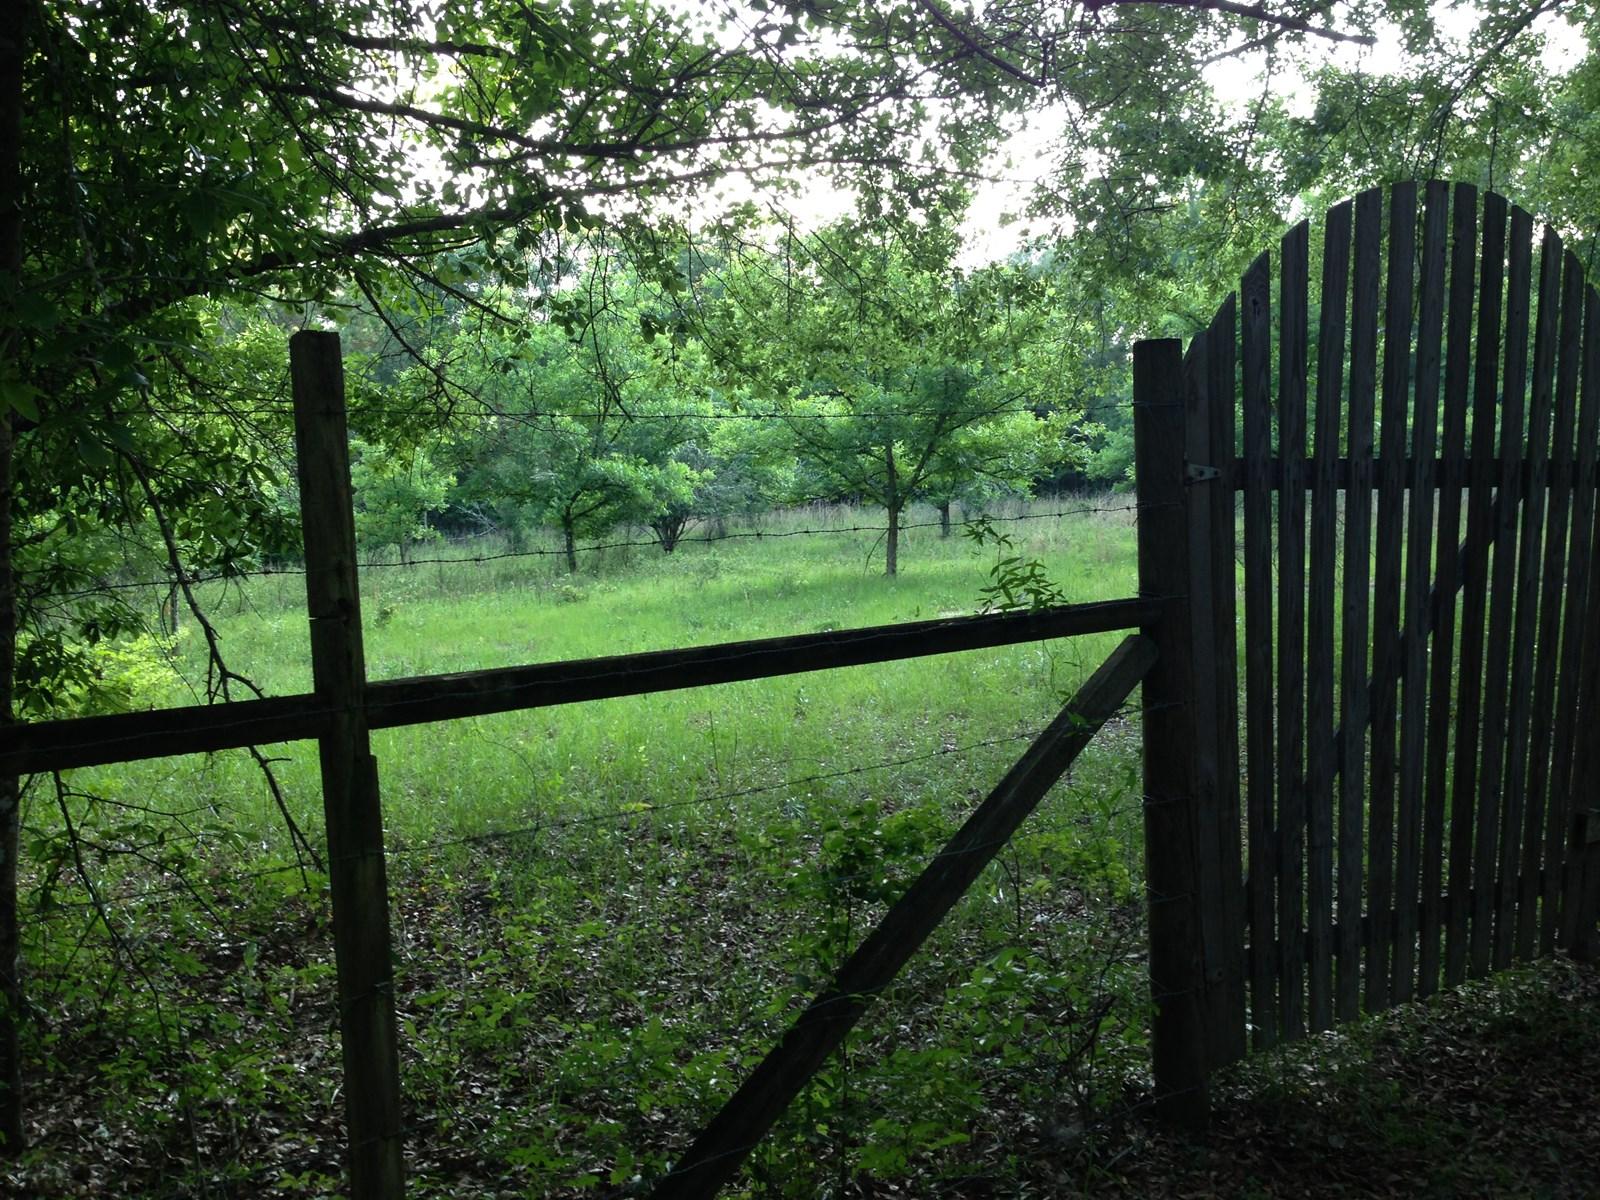 North Florida Land For Sale Near Monticello: